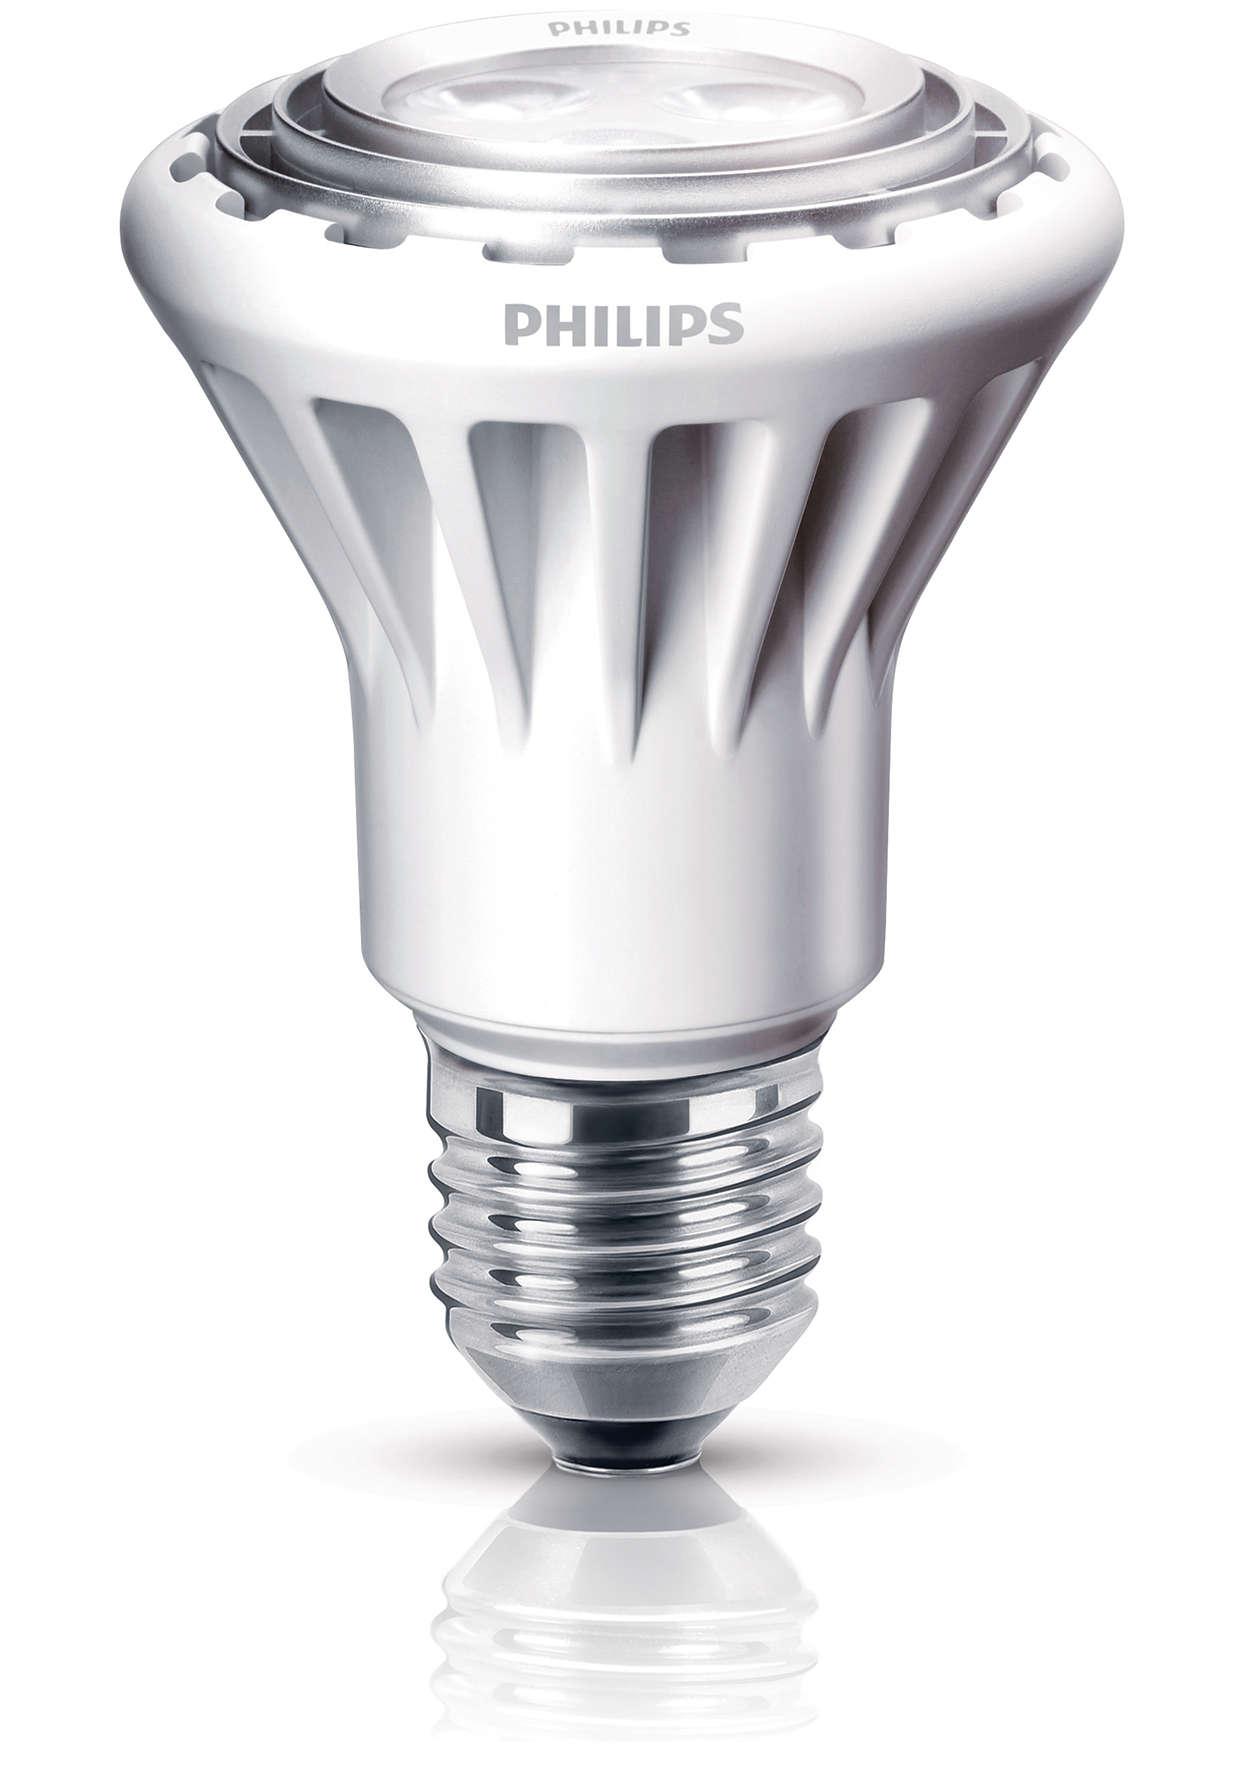 Známé světlo, neotřelý design